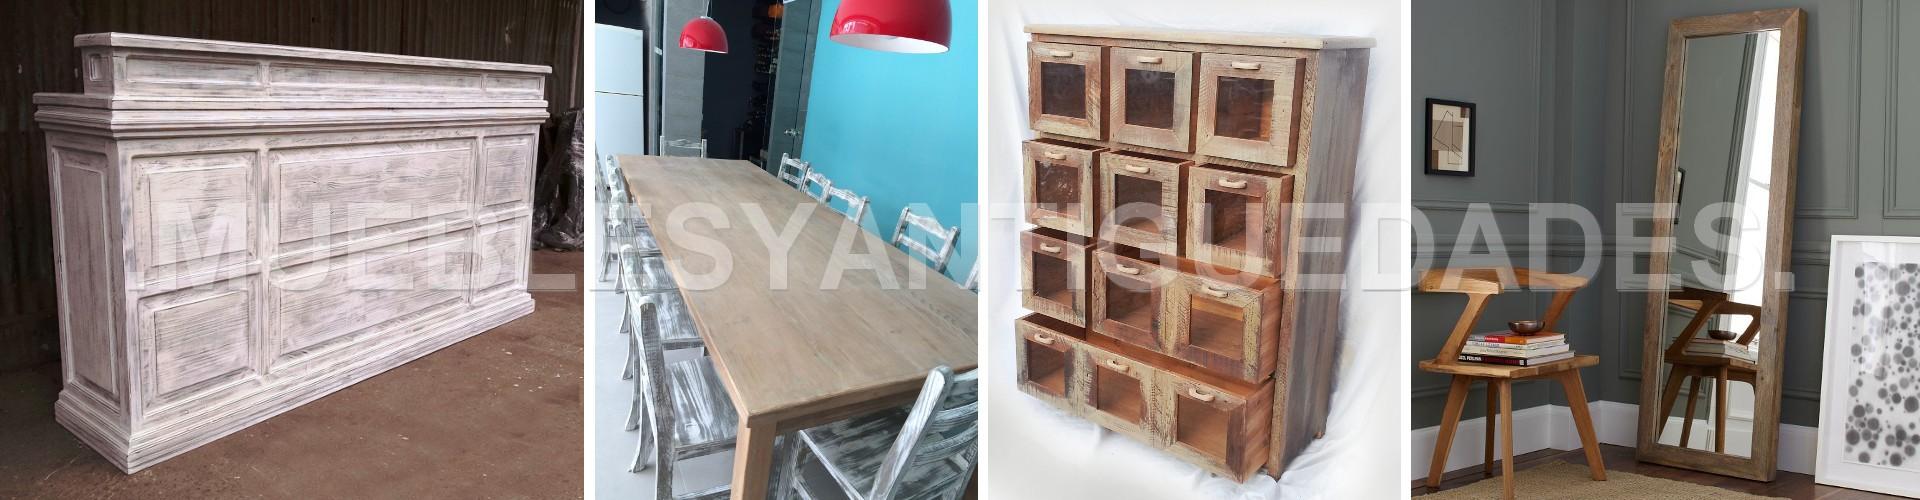 Tienda Online De Muebles Y Antiguedades Argentina